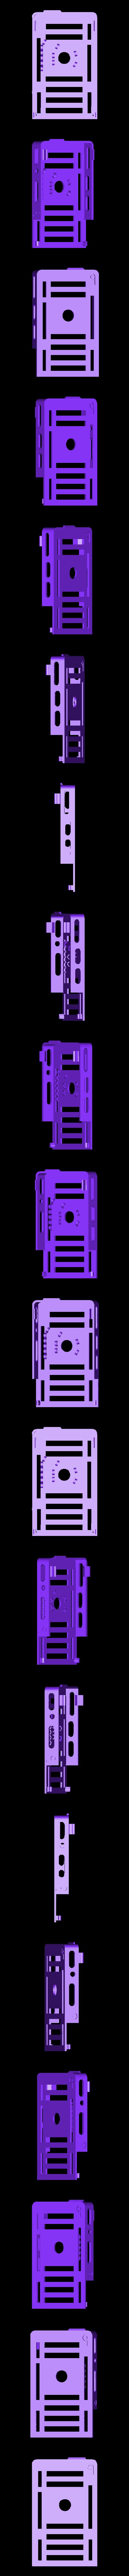 bbBasePLXPIRTop.stl Télécharger fichier STL gratuit badBrick - bbBasePLXPIR, capteur Parallax PIR (Rev B) + cas de base Arduino UNO R3. • Plan imprimable en 3D, Lassaalk